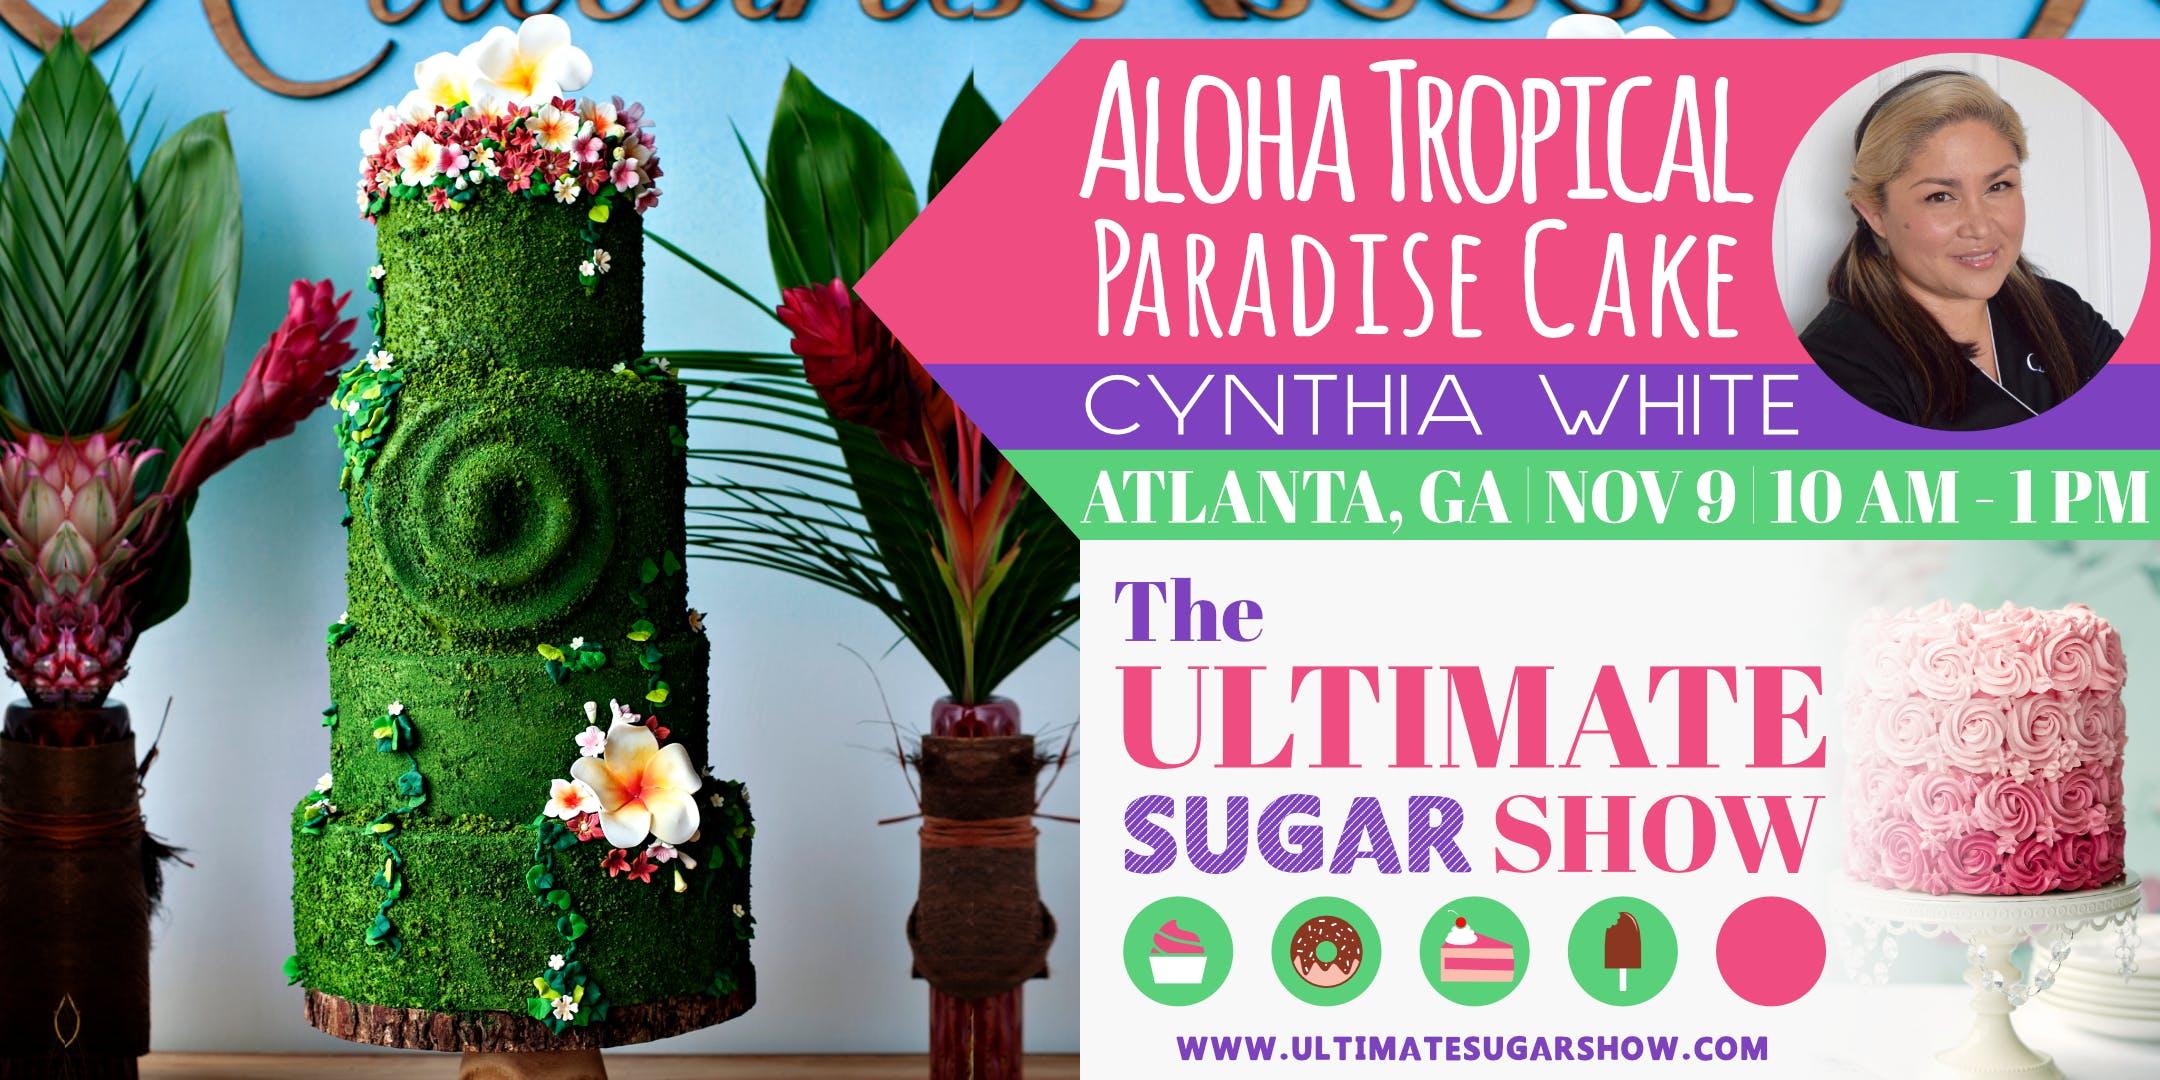 Tropical Paradise Cake with Cynthia White